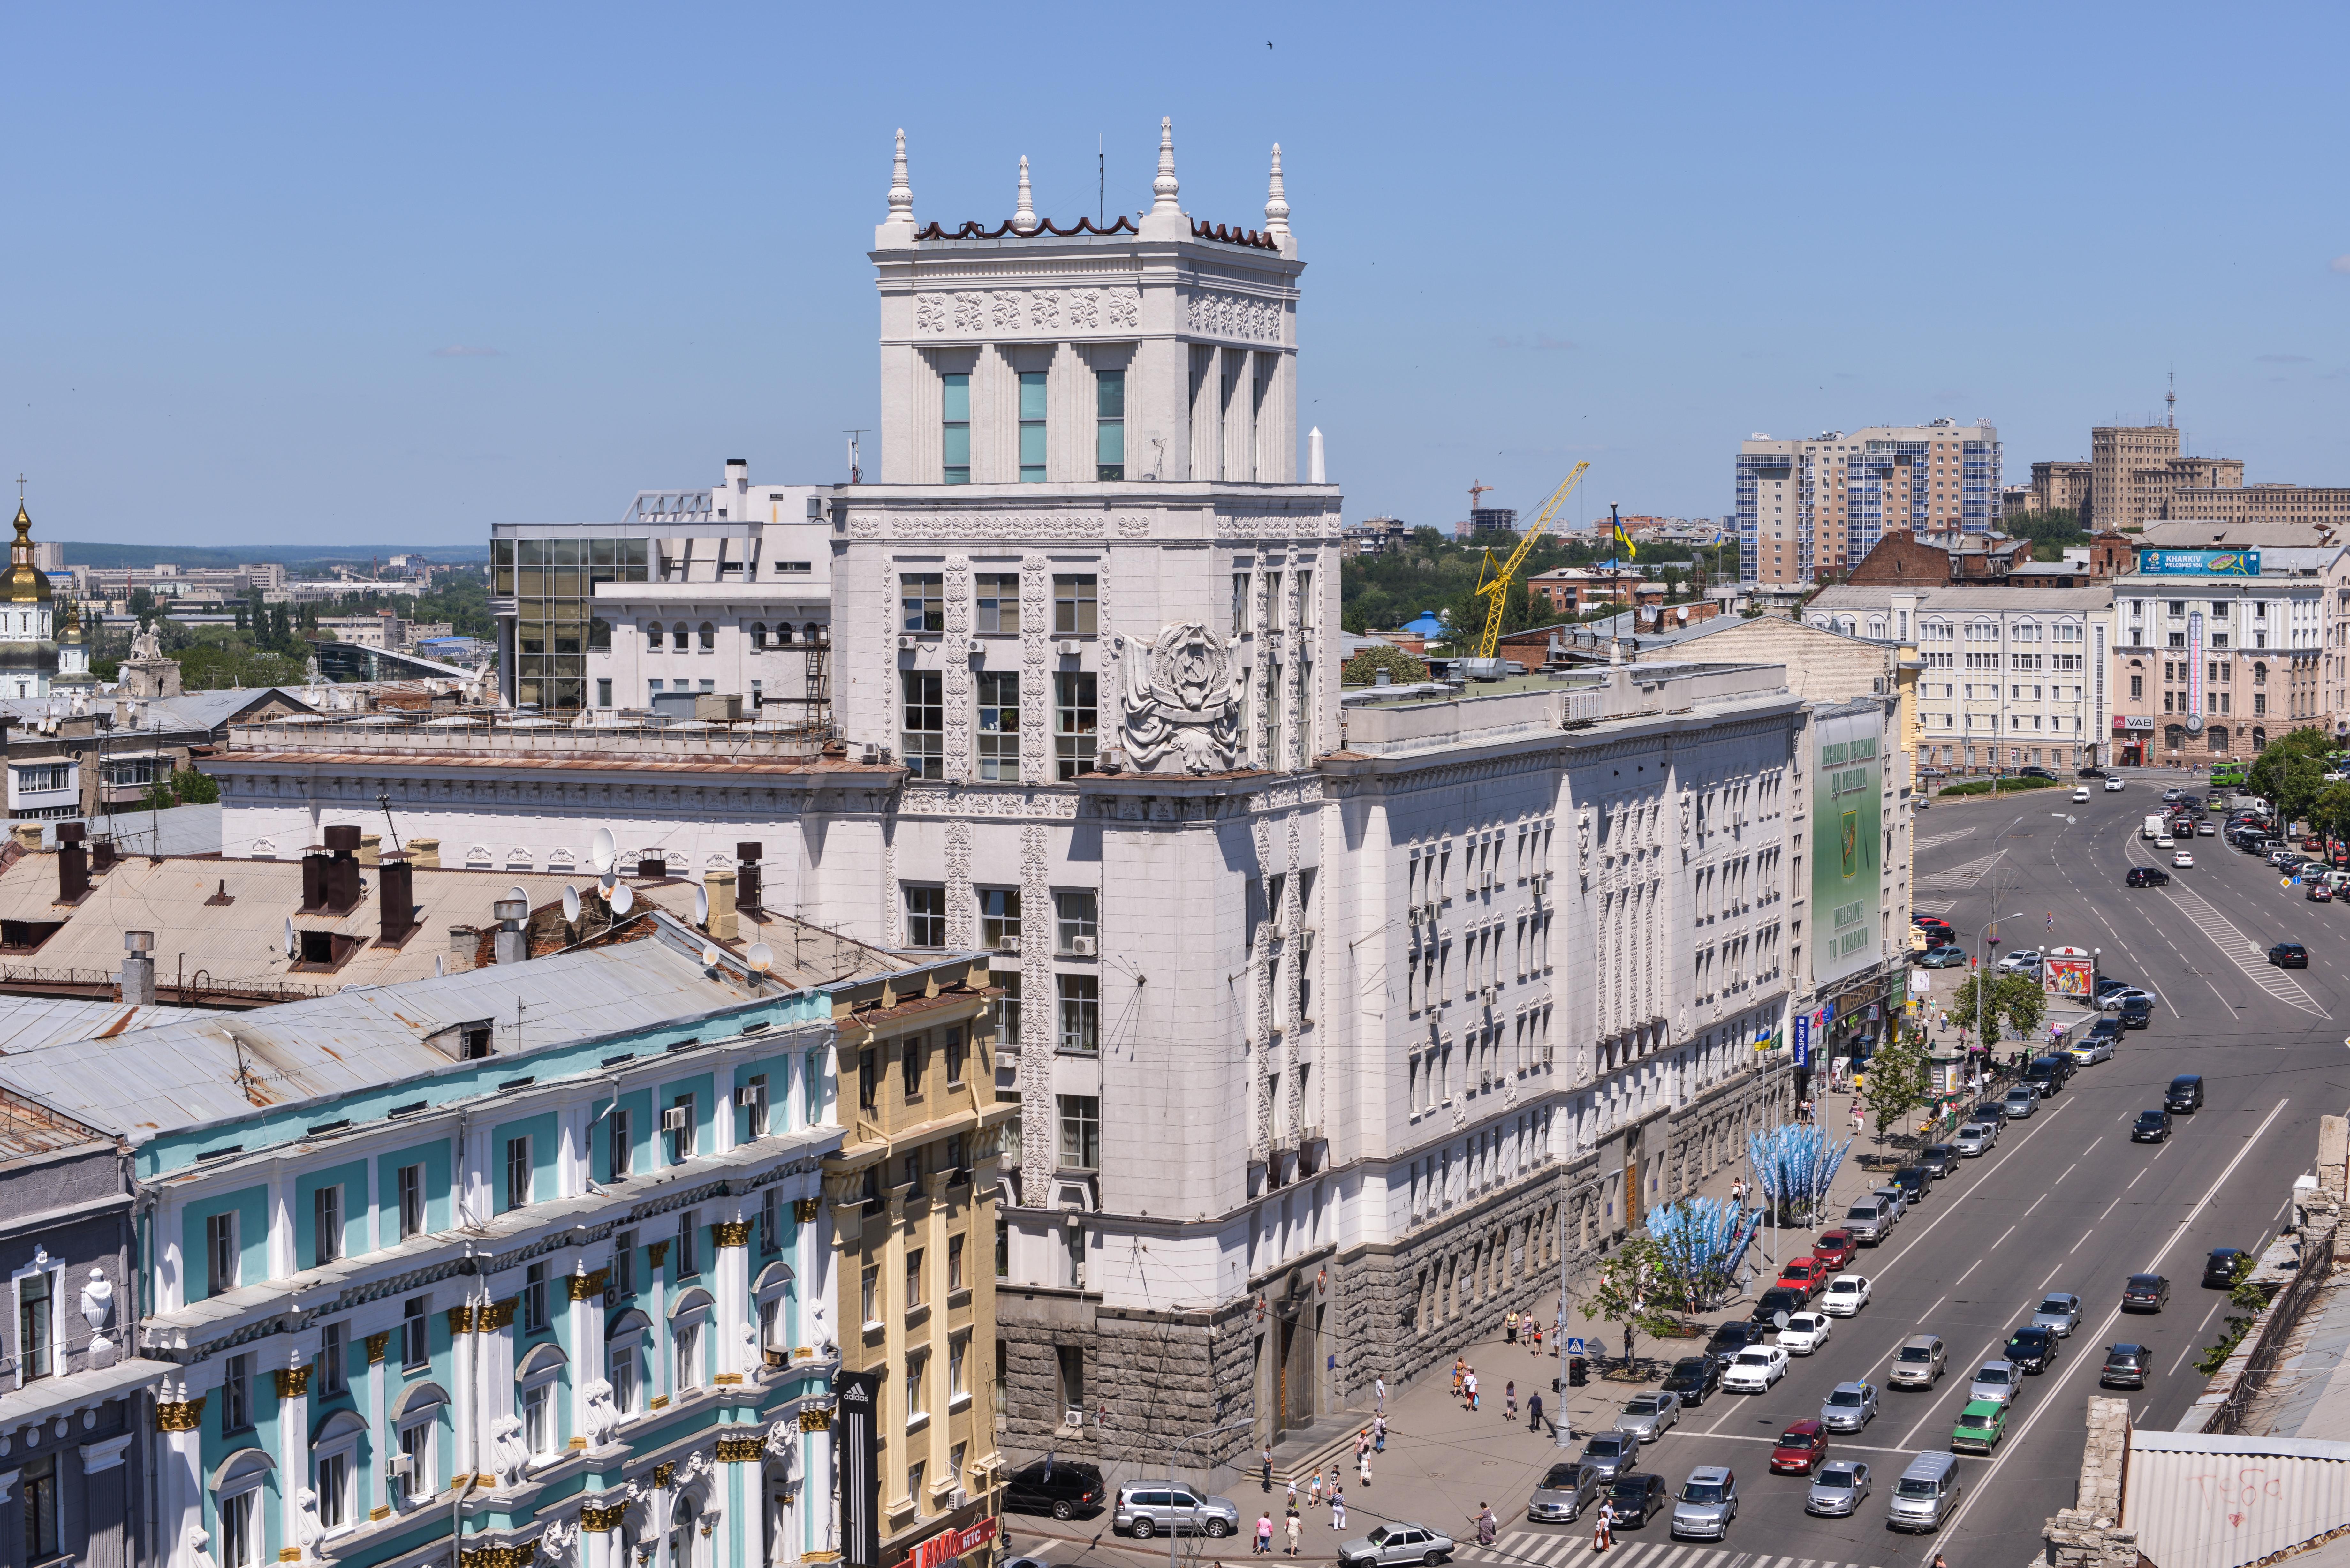 Питання щодо проспекта Маршала Жукова залишається невирішеним